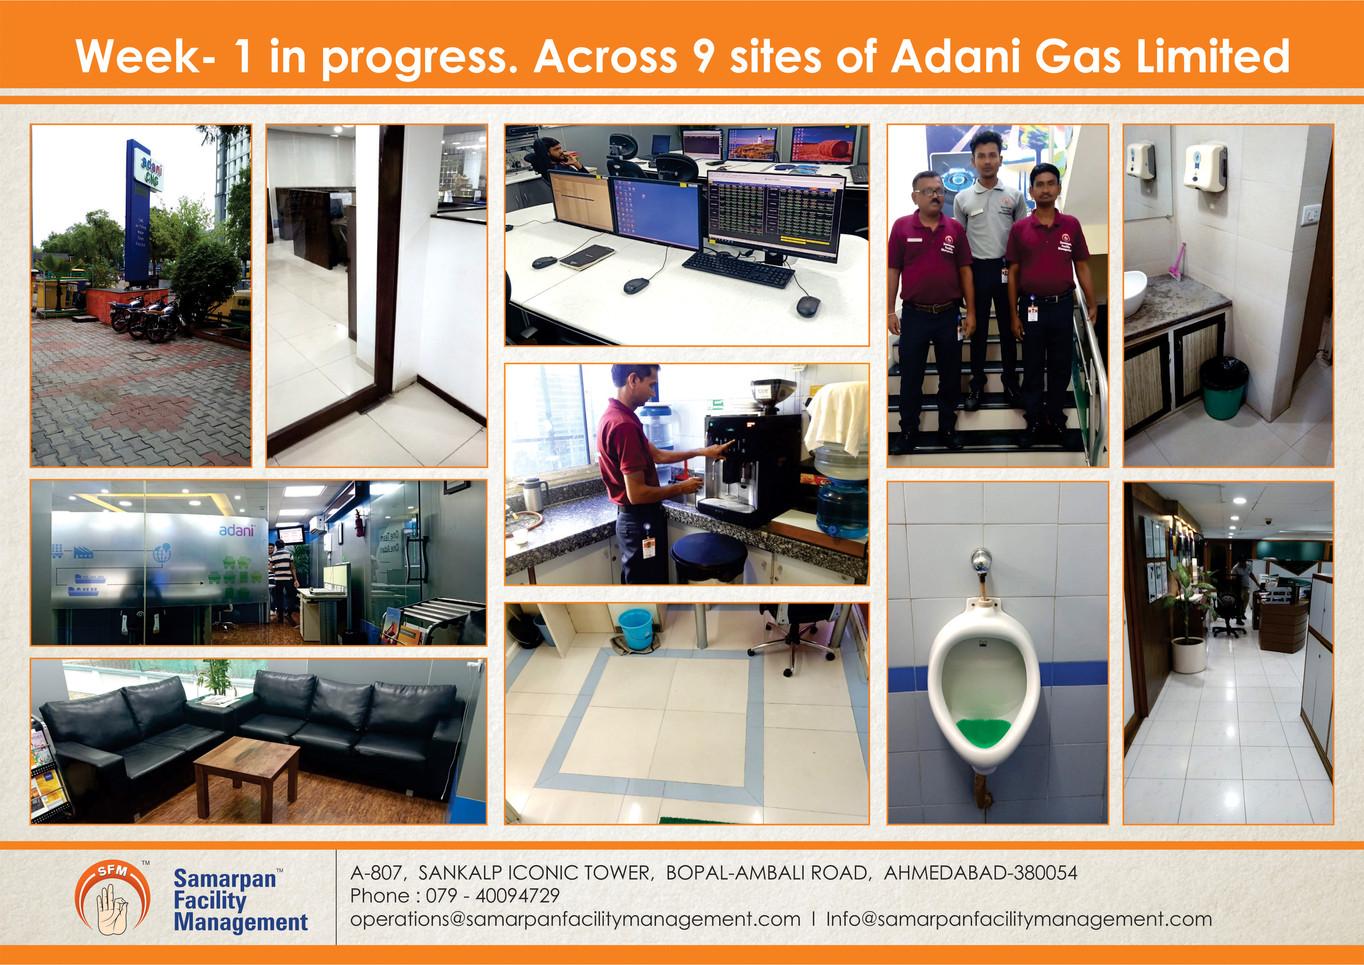 Week- 1 in progress. Across 9 sites of Adani Gas Limited